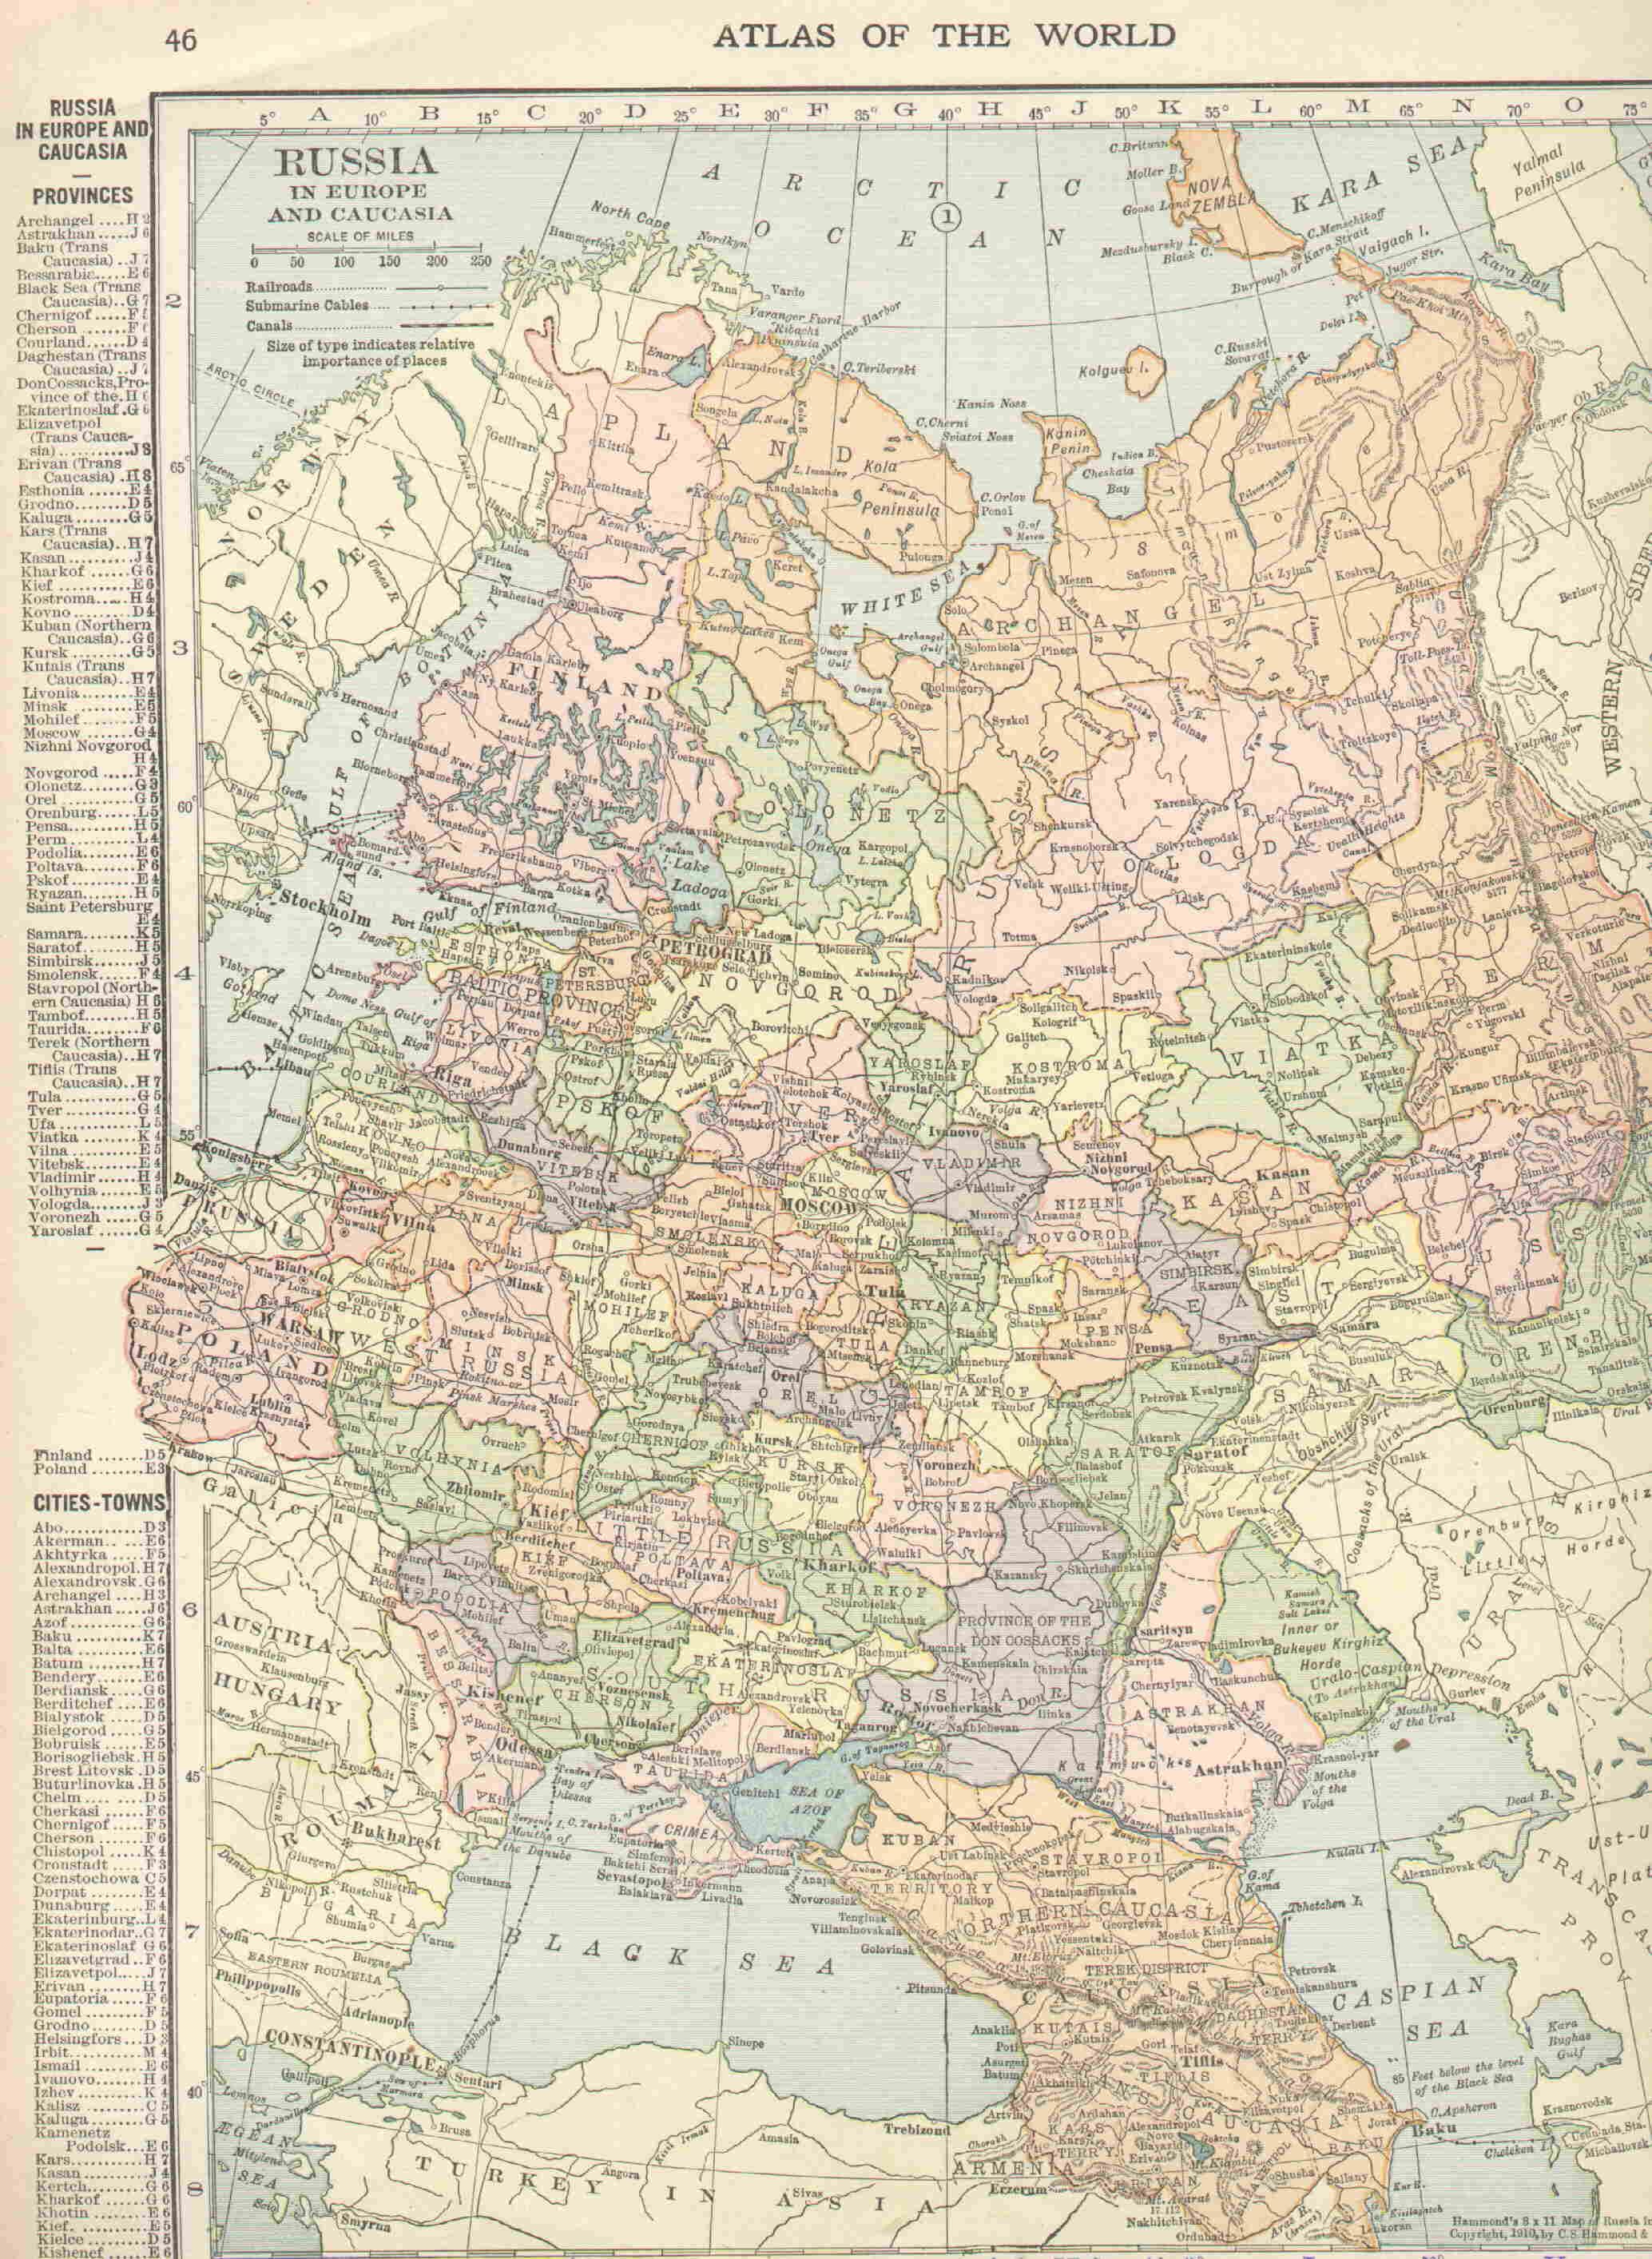 1834 Minsk Gubernia map